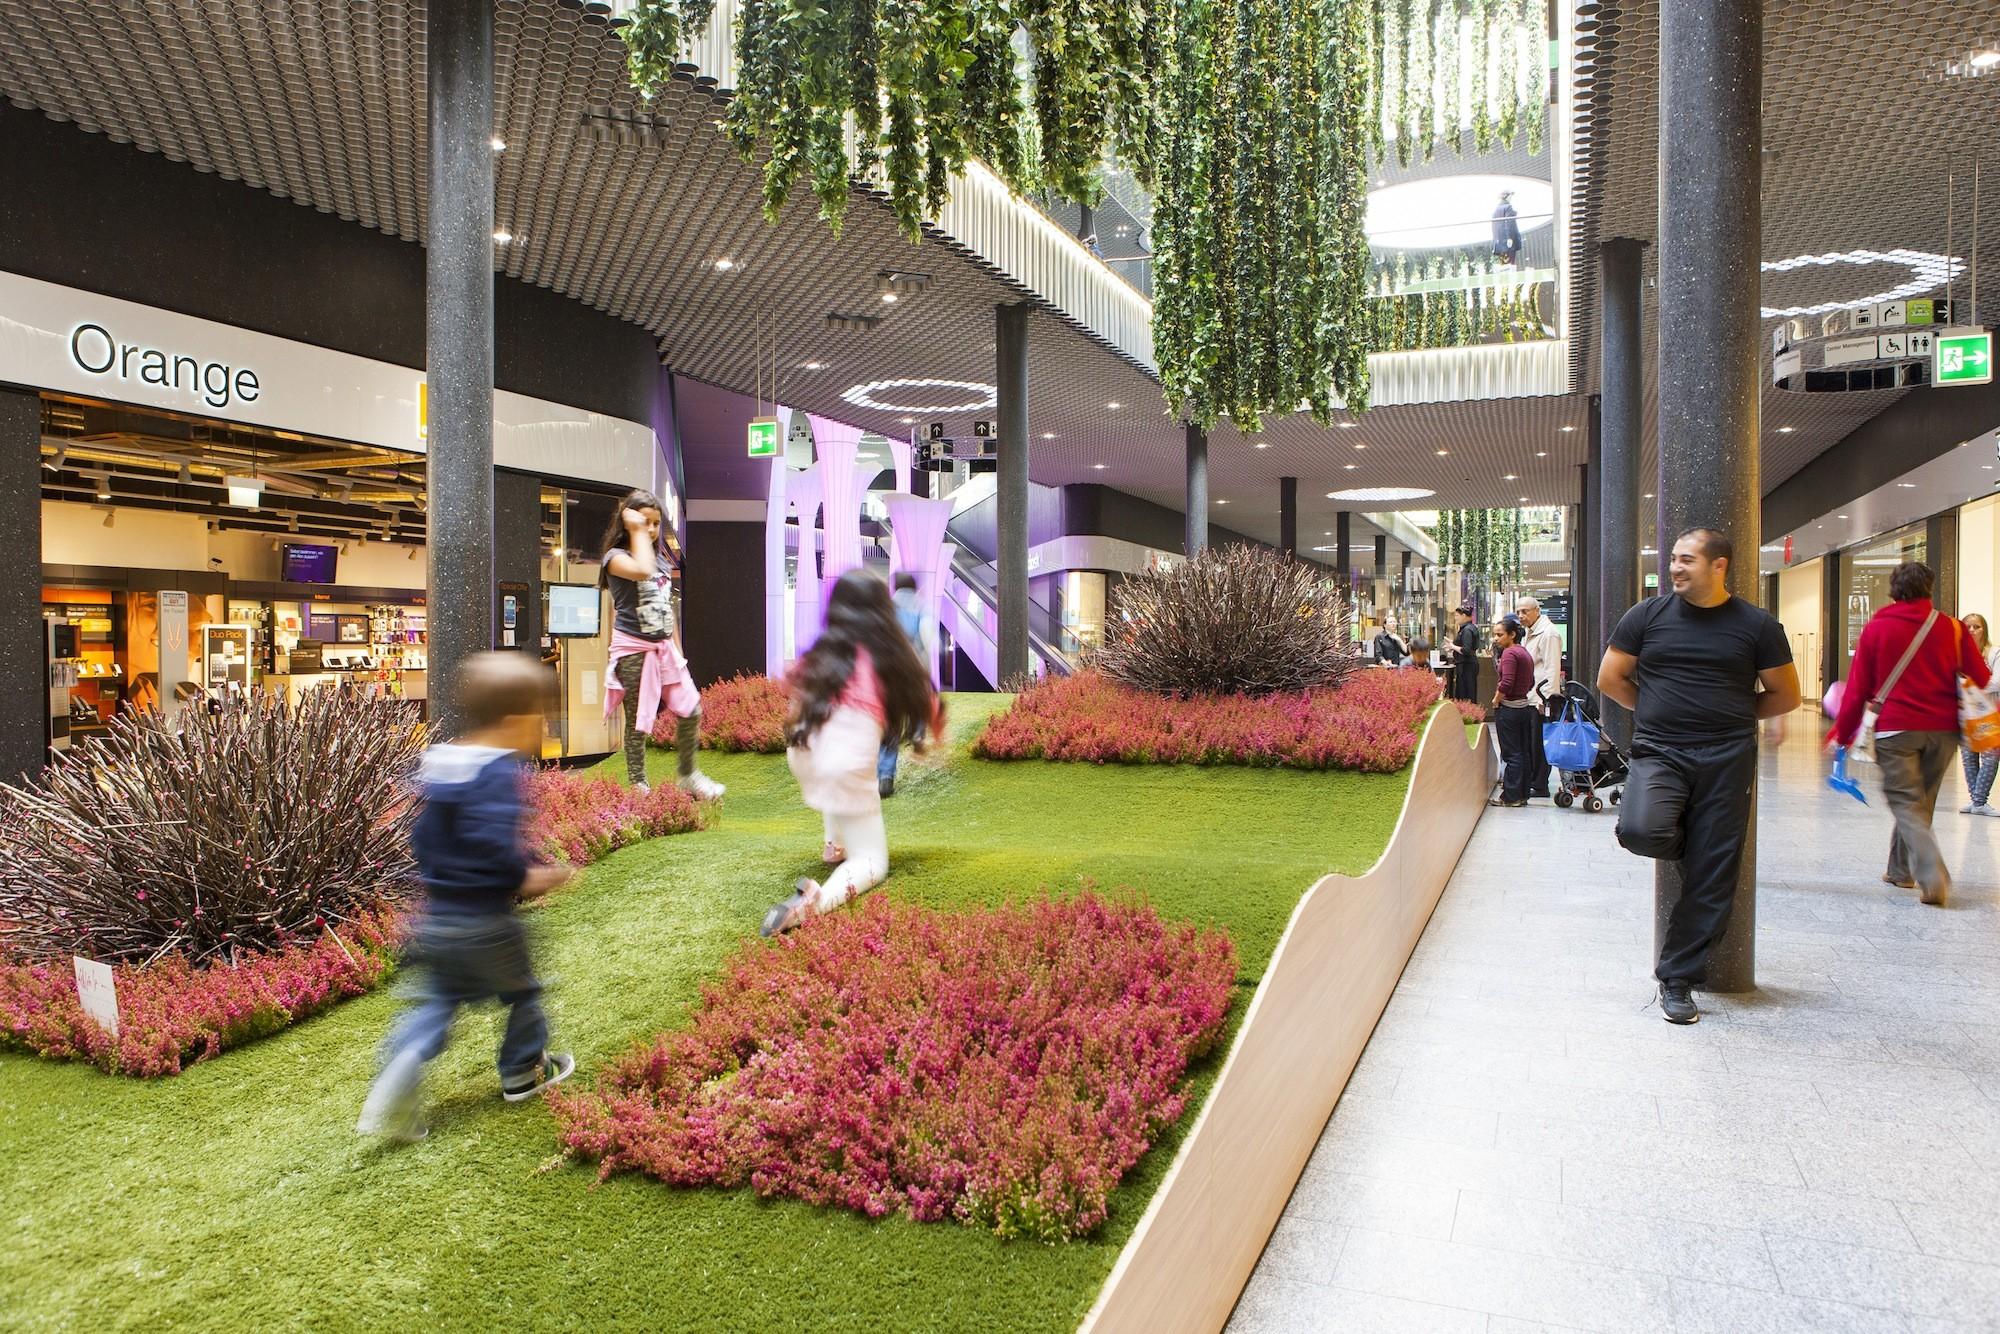 Das st cki shoppingcenter will mit neuer innendekoration for Innendekoration basel